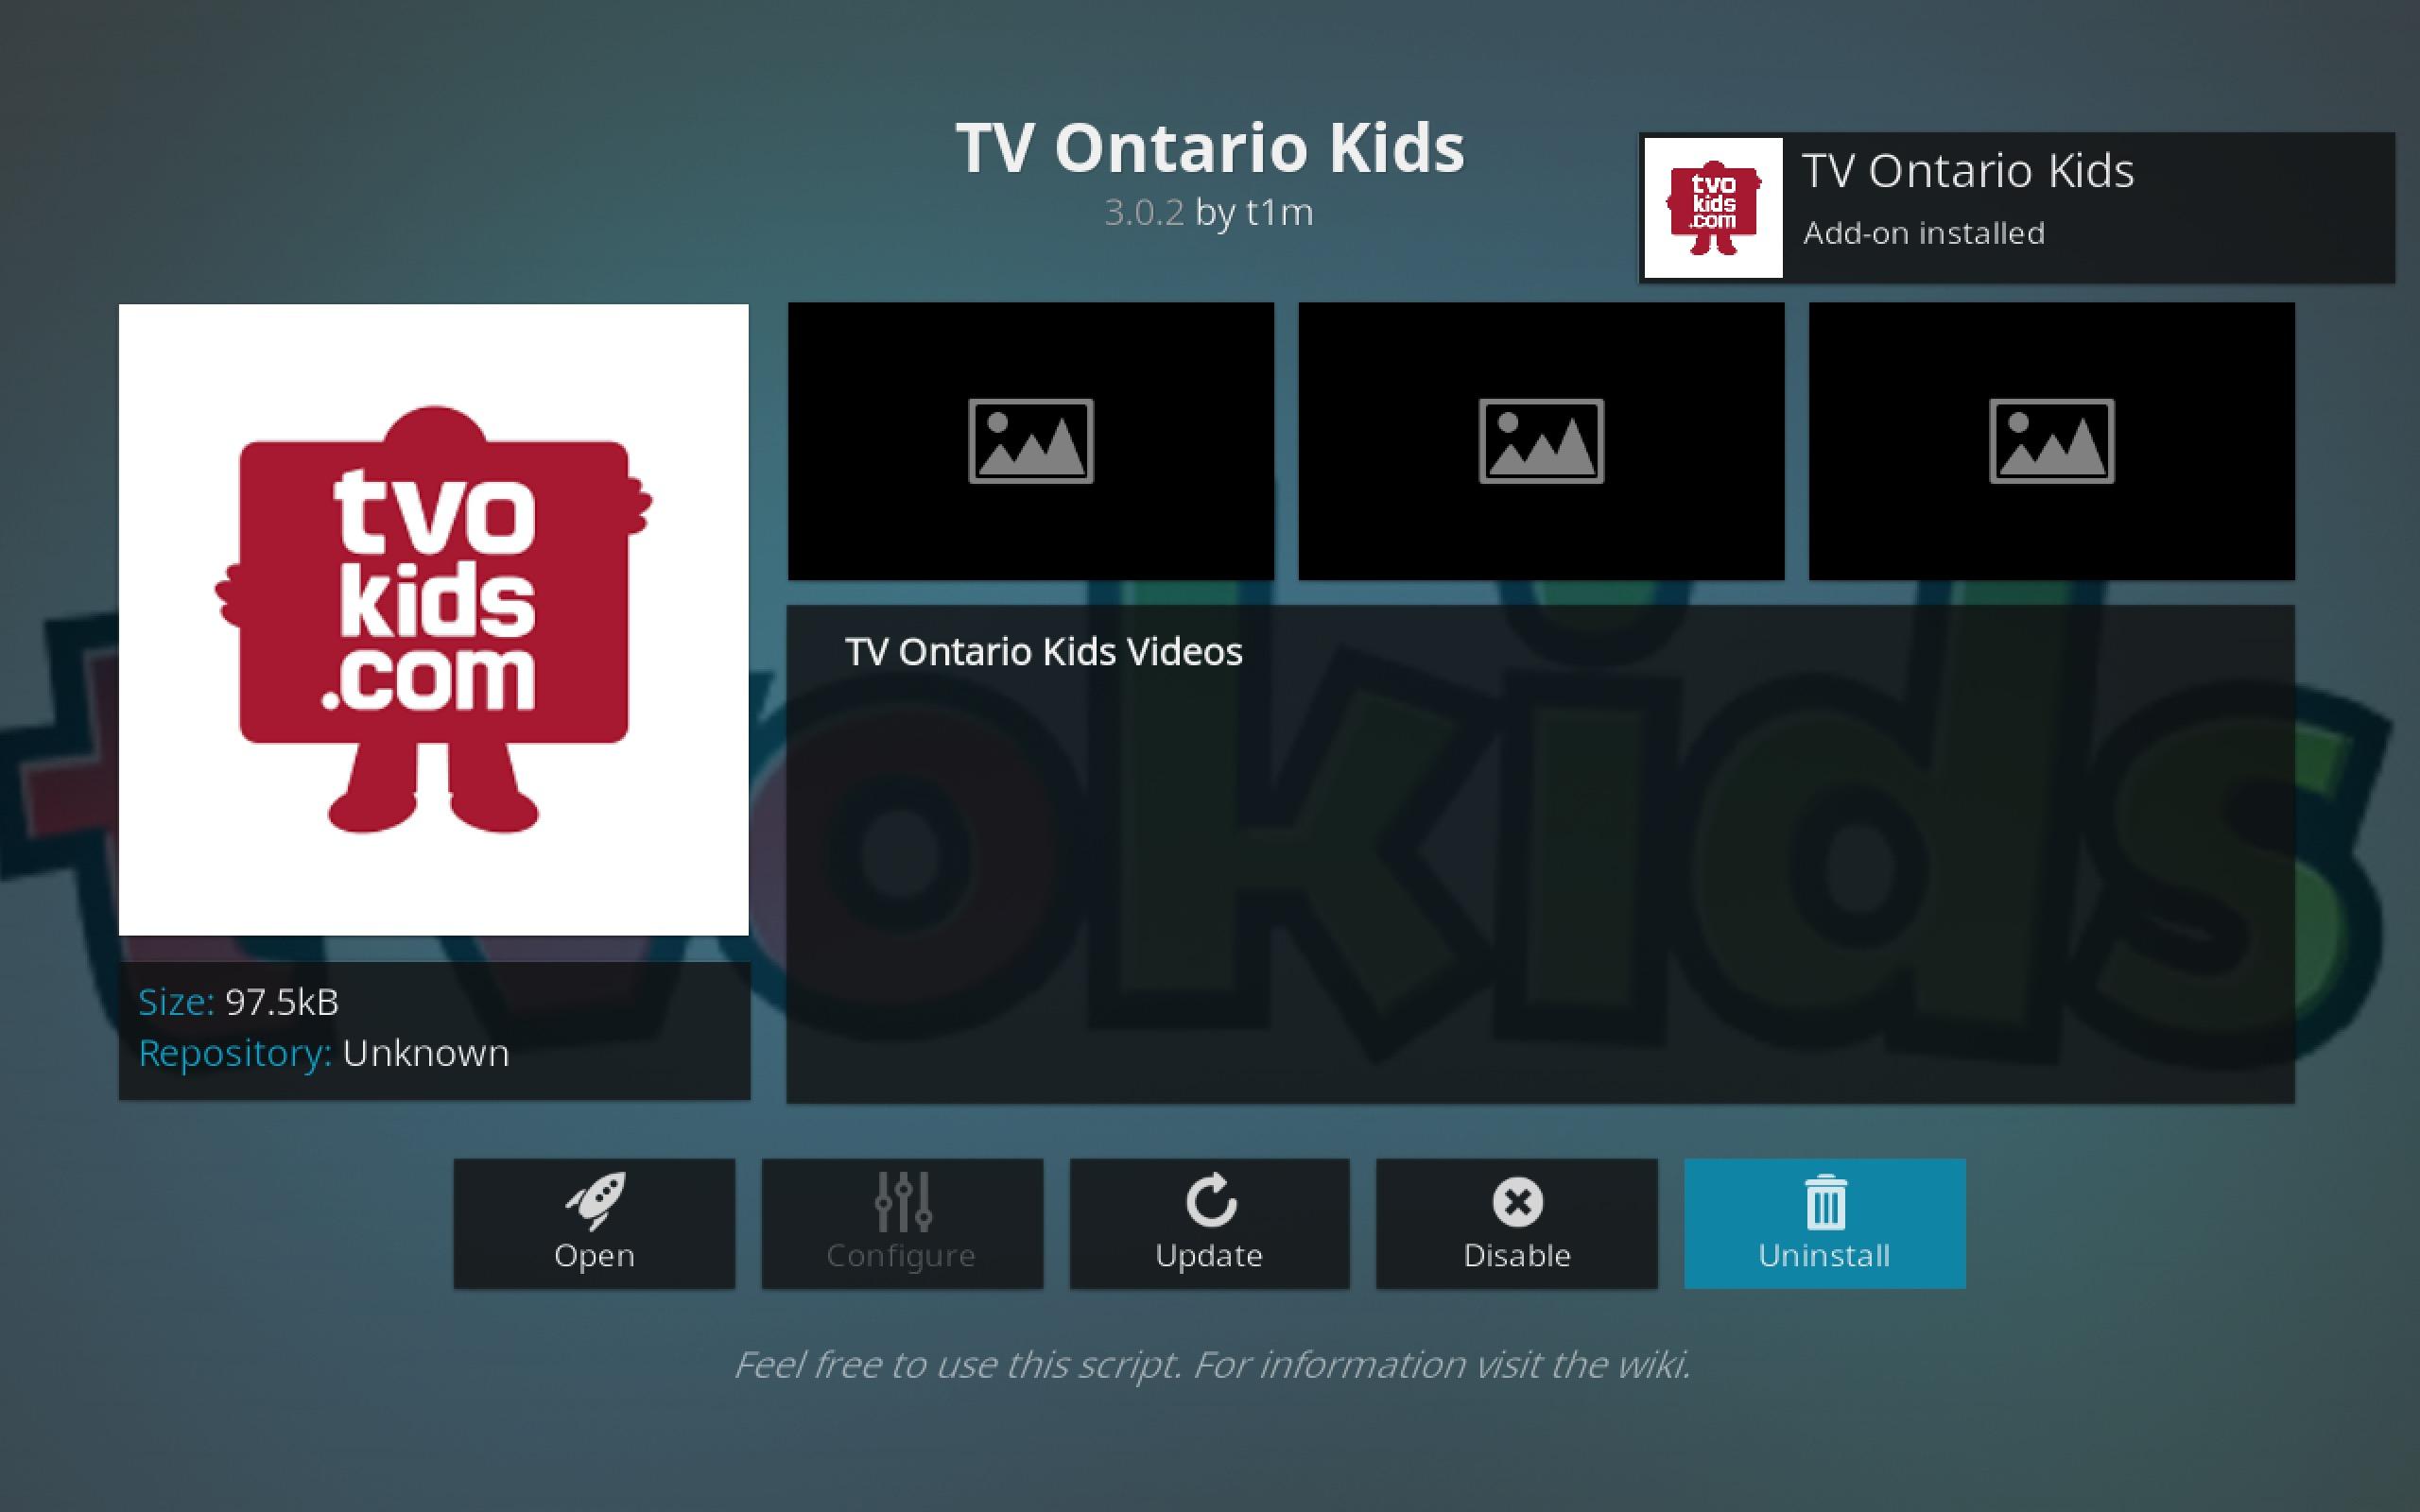 TV Ontario Kids Add-on